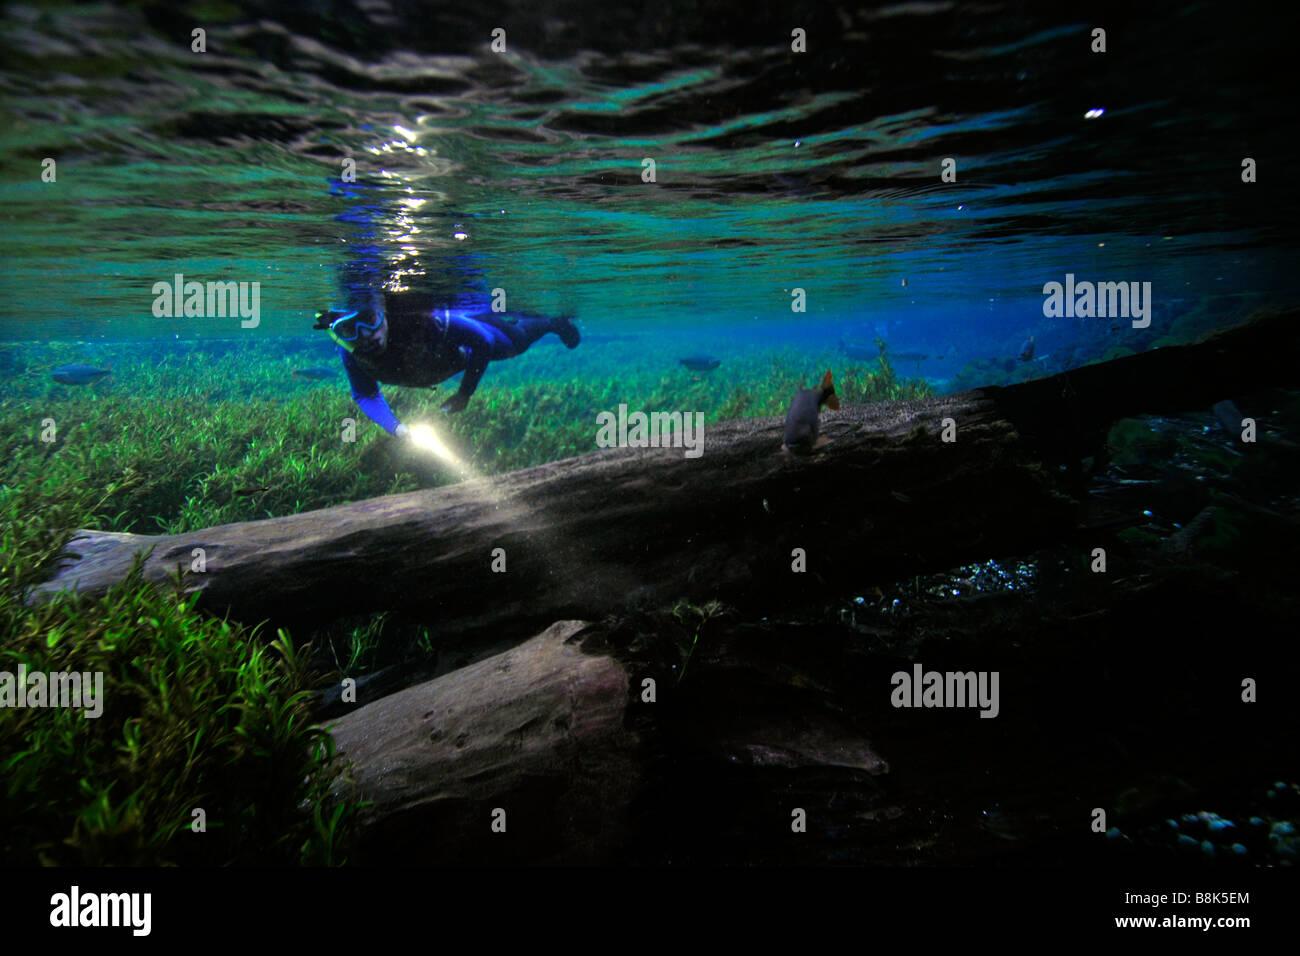 Libre buceador explora el paisaje submarino flotando río Natural Aquario Baia Bonita Bonito, Mato Grosso do Imagen De Stock